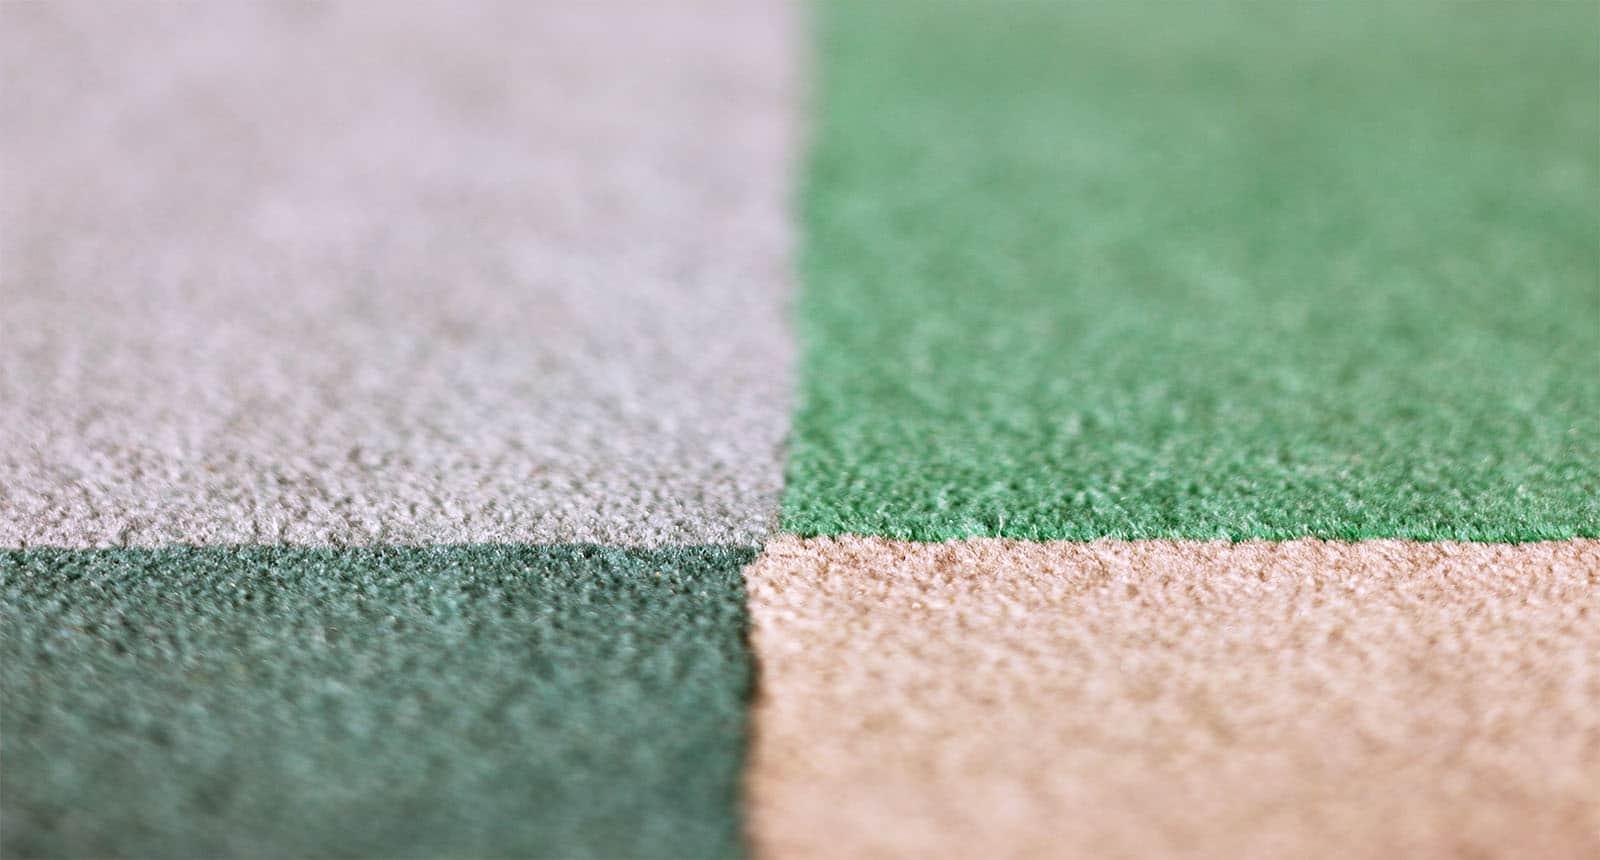 Detail Chessboard Carpet